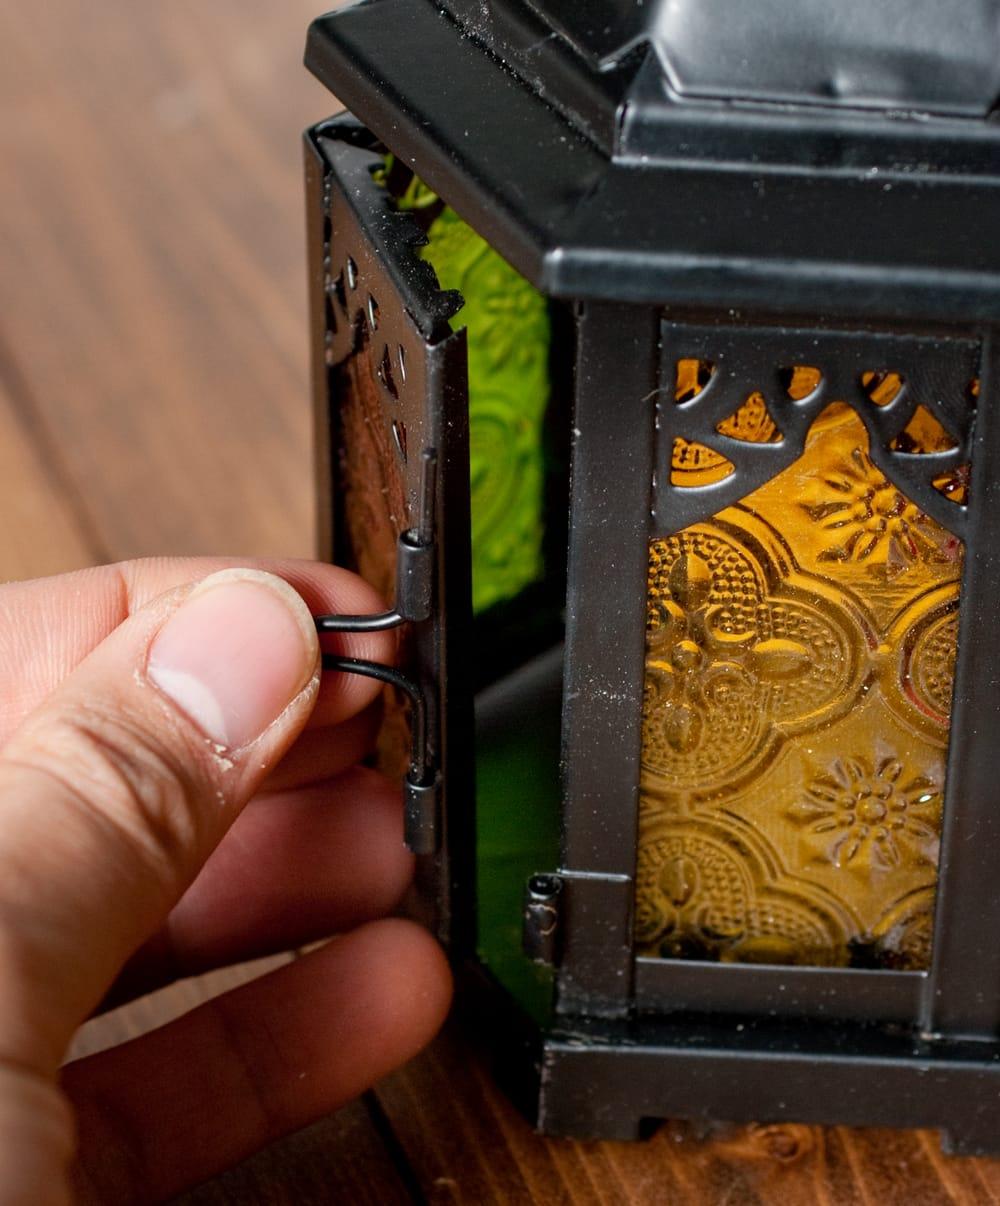 【18cm】スタンド型LEDキャンドルランタン【ロウソク風LEDキャンドル付き】 6 - こちら蝶番を抜くと開くようになっています